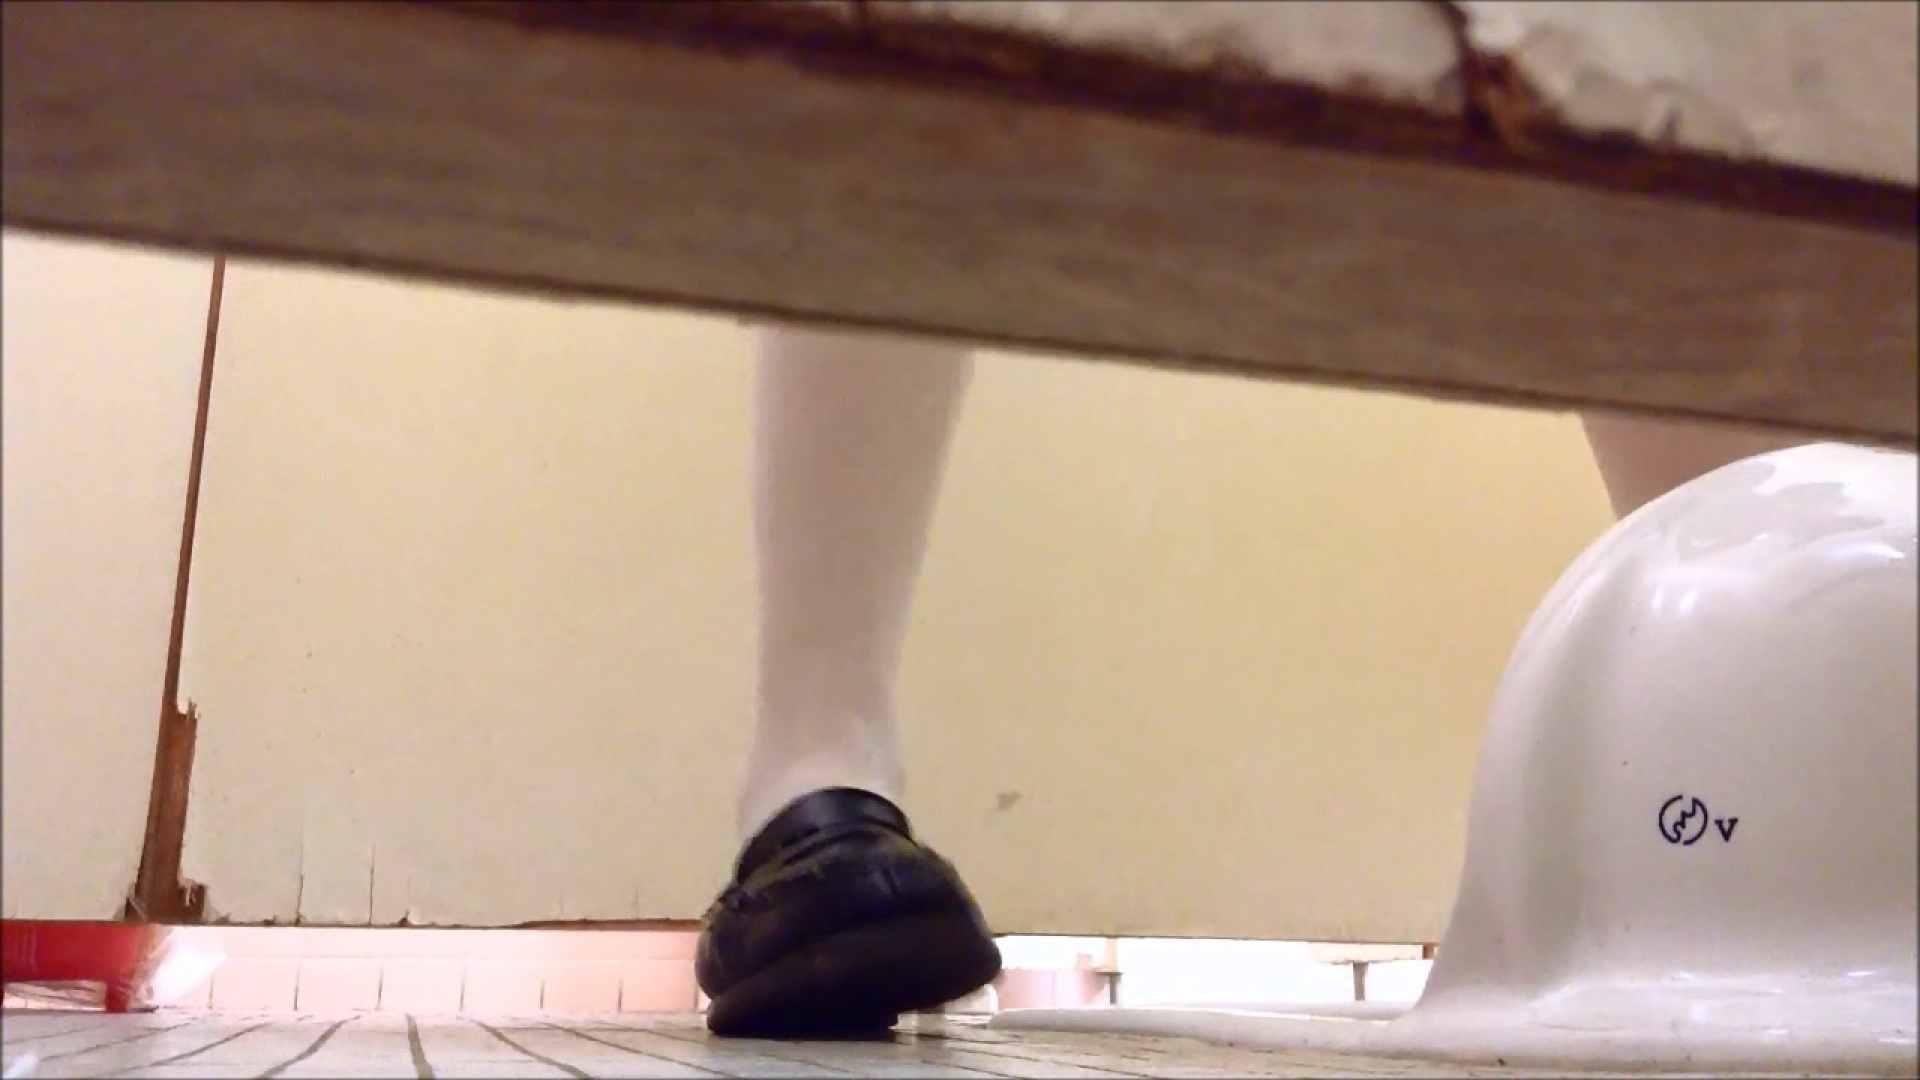 某有名大学女性洗面所 vol.07 潜入 オマンコ動画キャプチャ 65画像 23